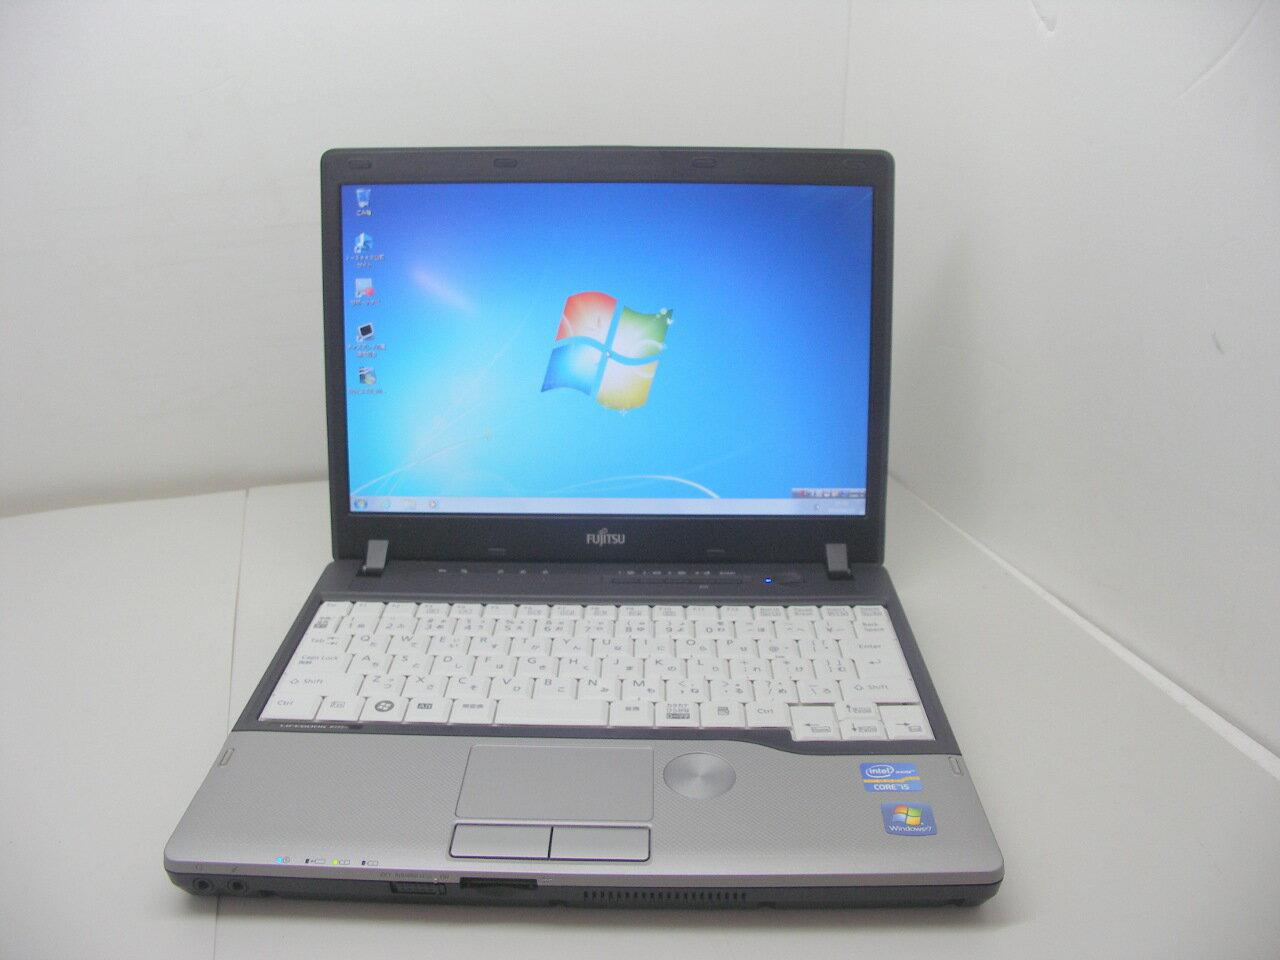 Windows7搭載 P772/E Corei5 3320M 2.6GHz/2GB/250GB/無線LAN/マルチ【中古】【送料無料】【あす楽対応】